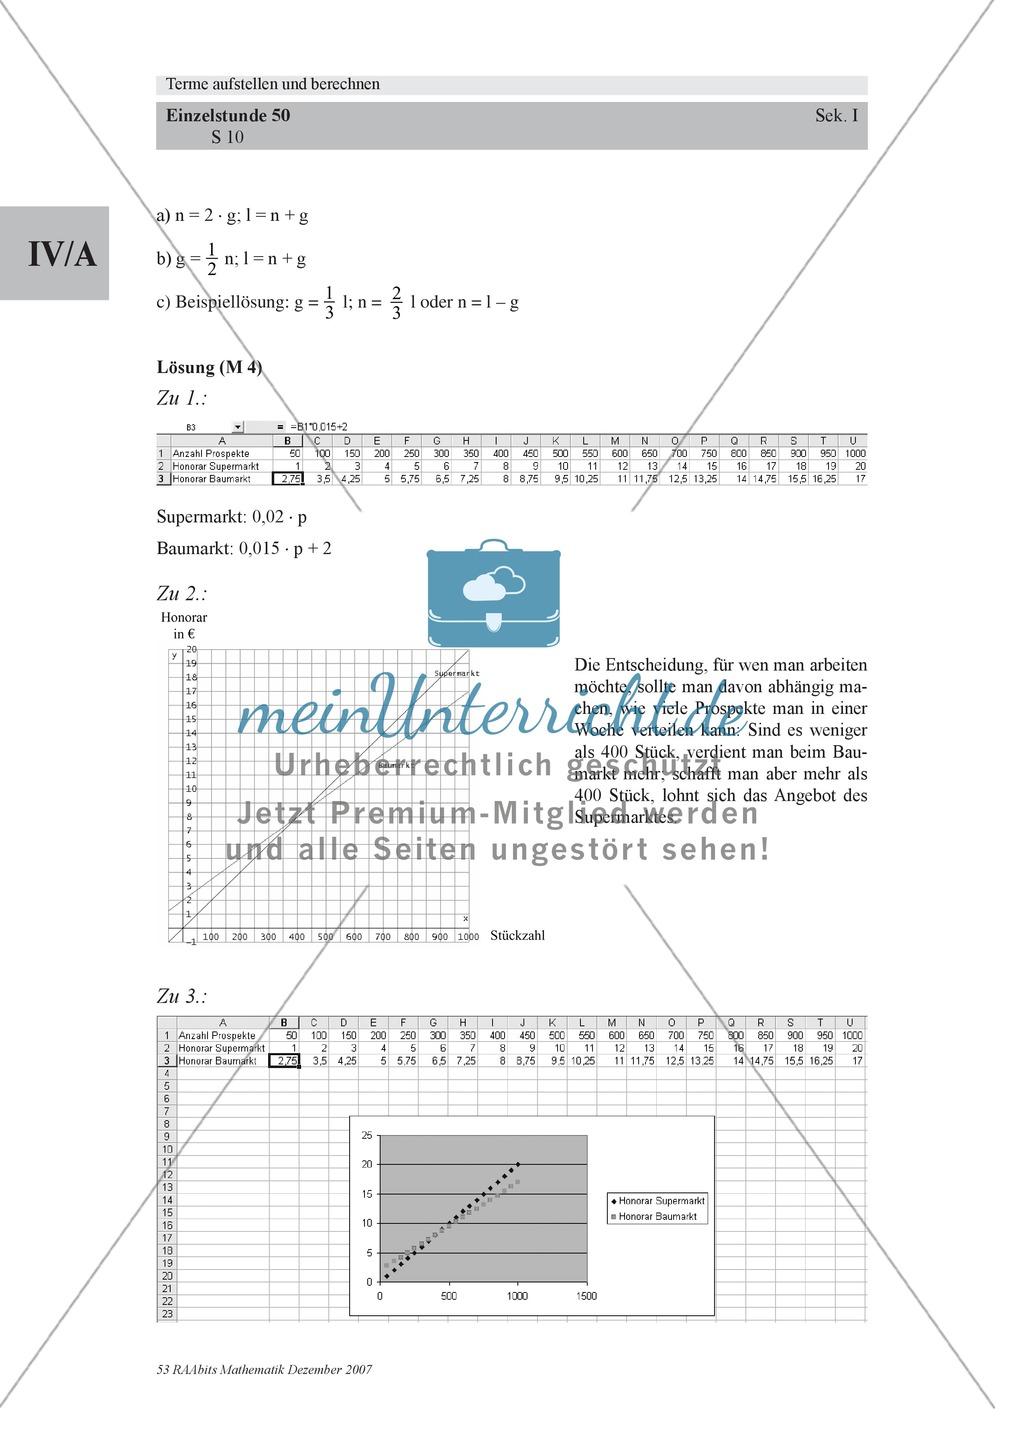 Großartig Mathe Arbeitsblatt Lange Teilung Galerie - Mathe ...